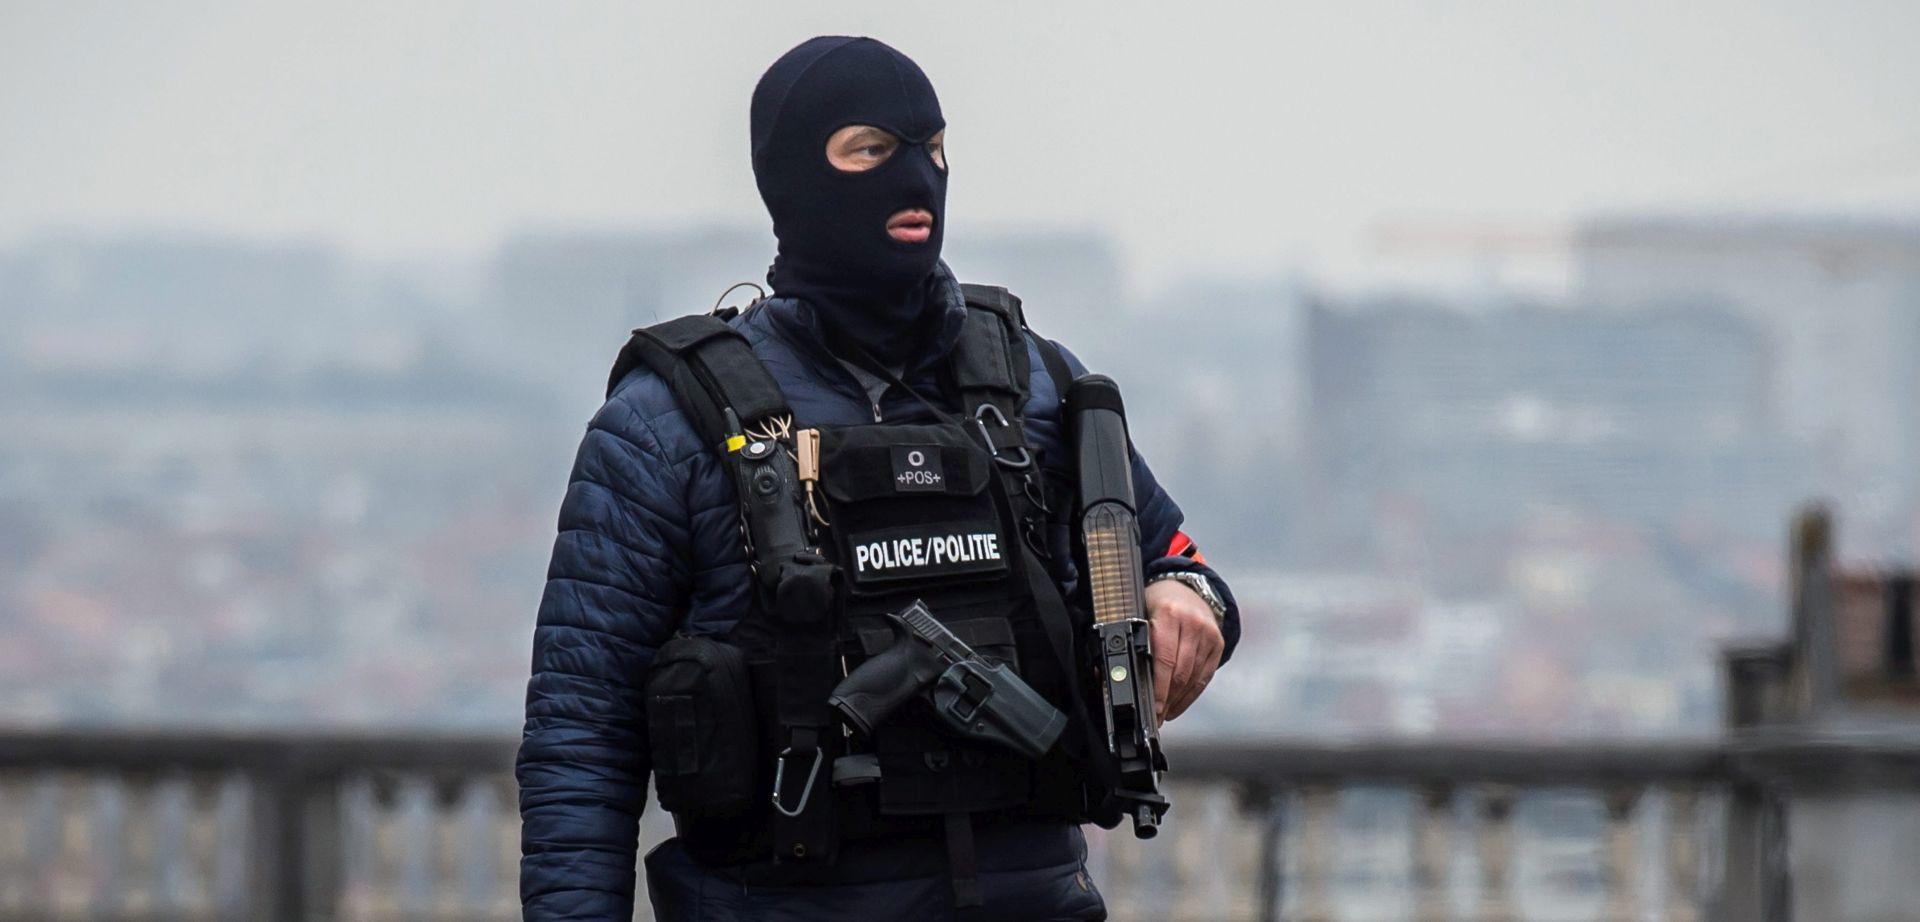 Za stupanj snižena razina terorističke opasnosti u Belgiji